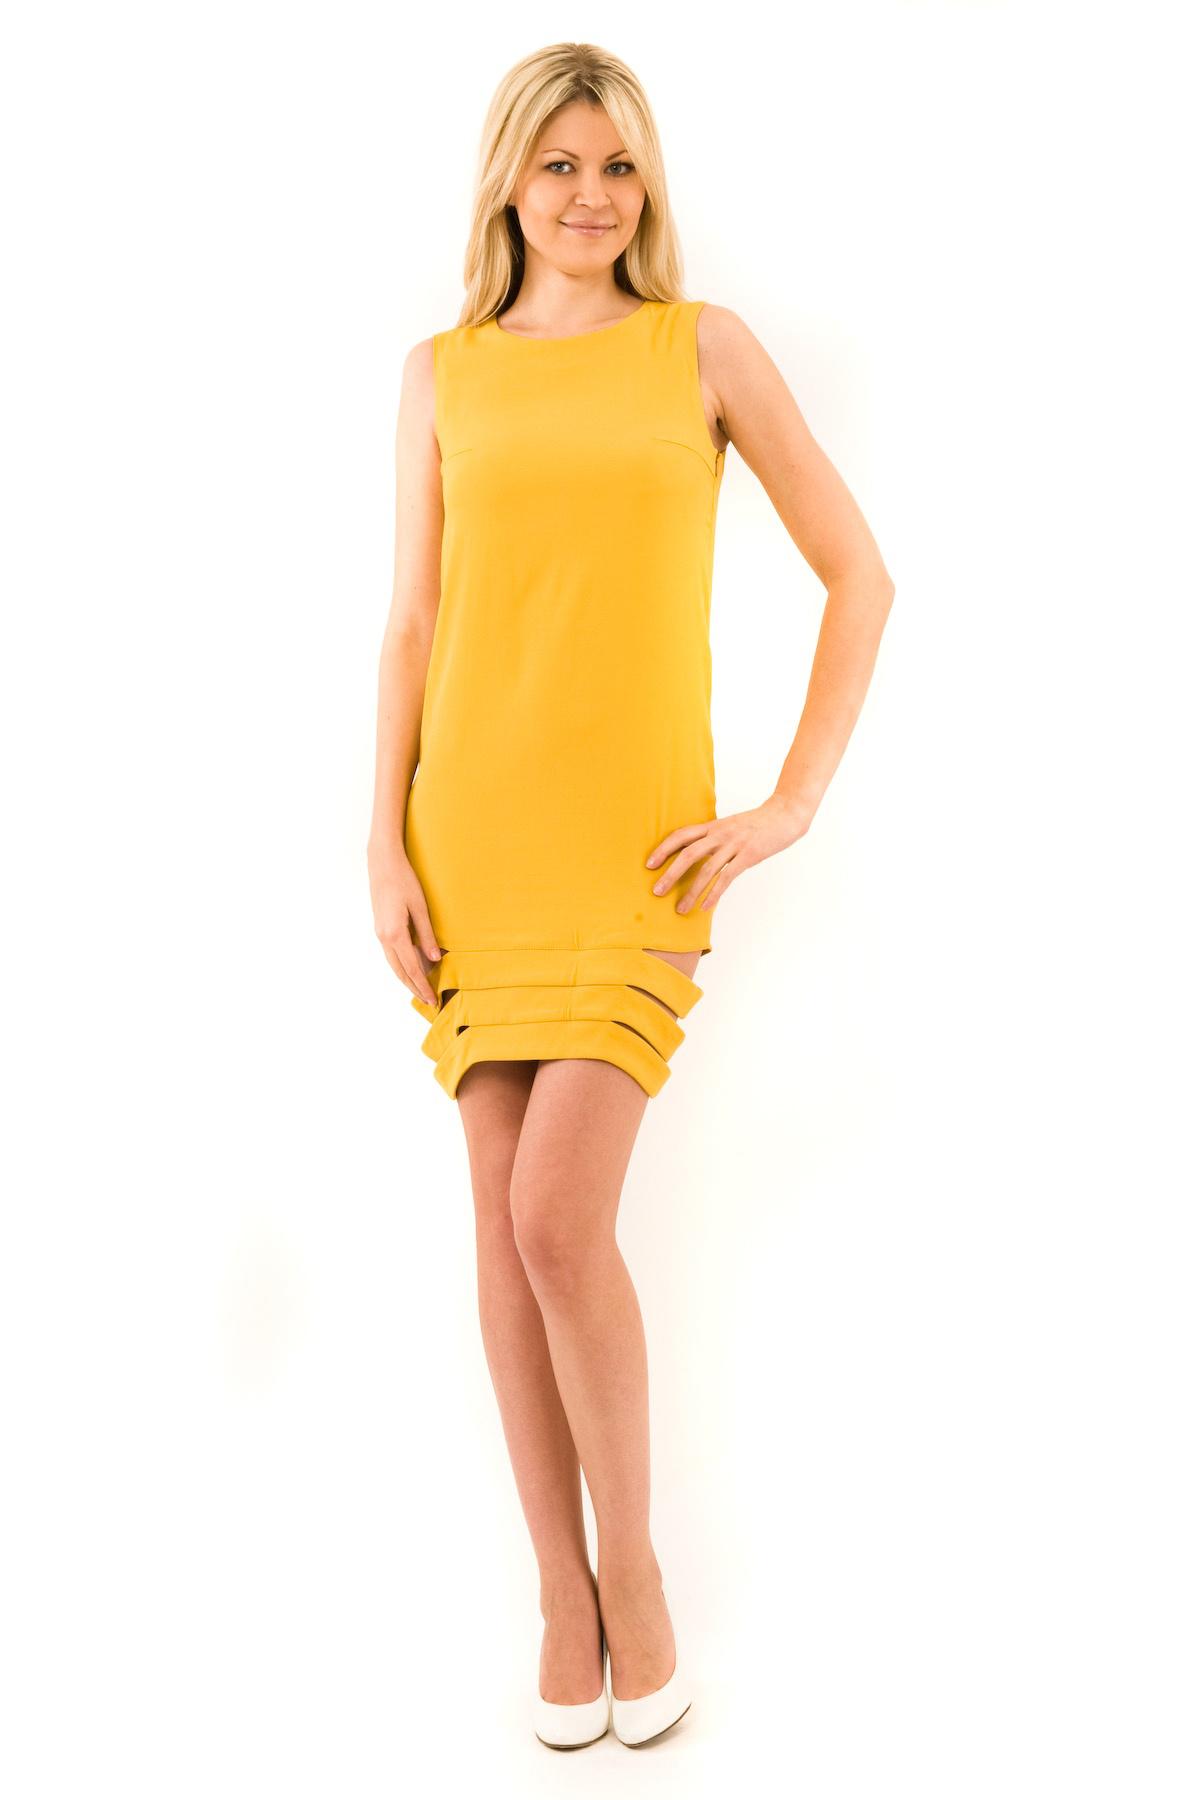 ПлатьеПлатья,  сарафаны<br>Платье из итальянского крепа прямого покроя, прекрасно подойдет для повседневной носки и для вечеринки. Необычный крой низа придают модели оригинальный вид! Платье из коллекции Первородный грех Pavel Yerokin.<br><br>Цвет: горчичный<br>Состав: 99% вискоза, 1 % лайкра<br>Размер: 42,48,52<br>Страна дизайна: Россия<br>Страна производства: Россия